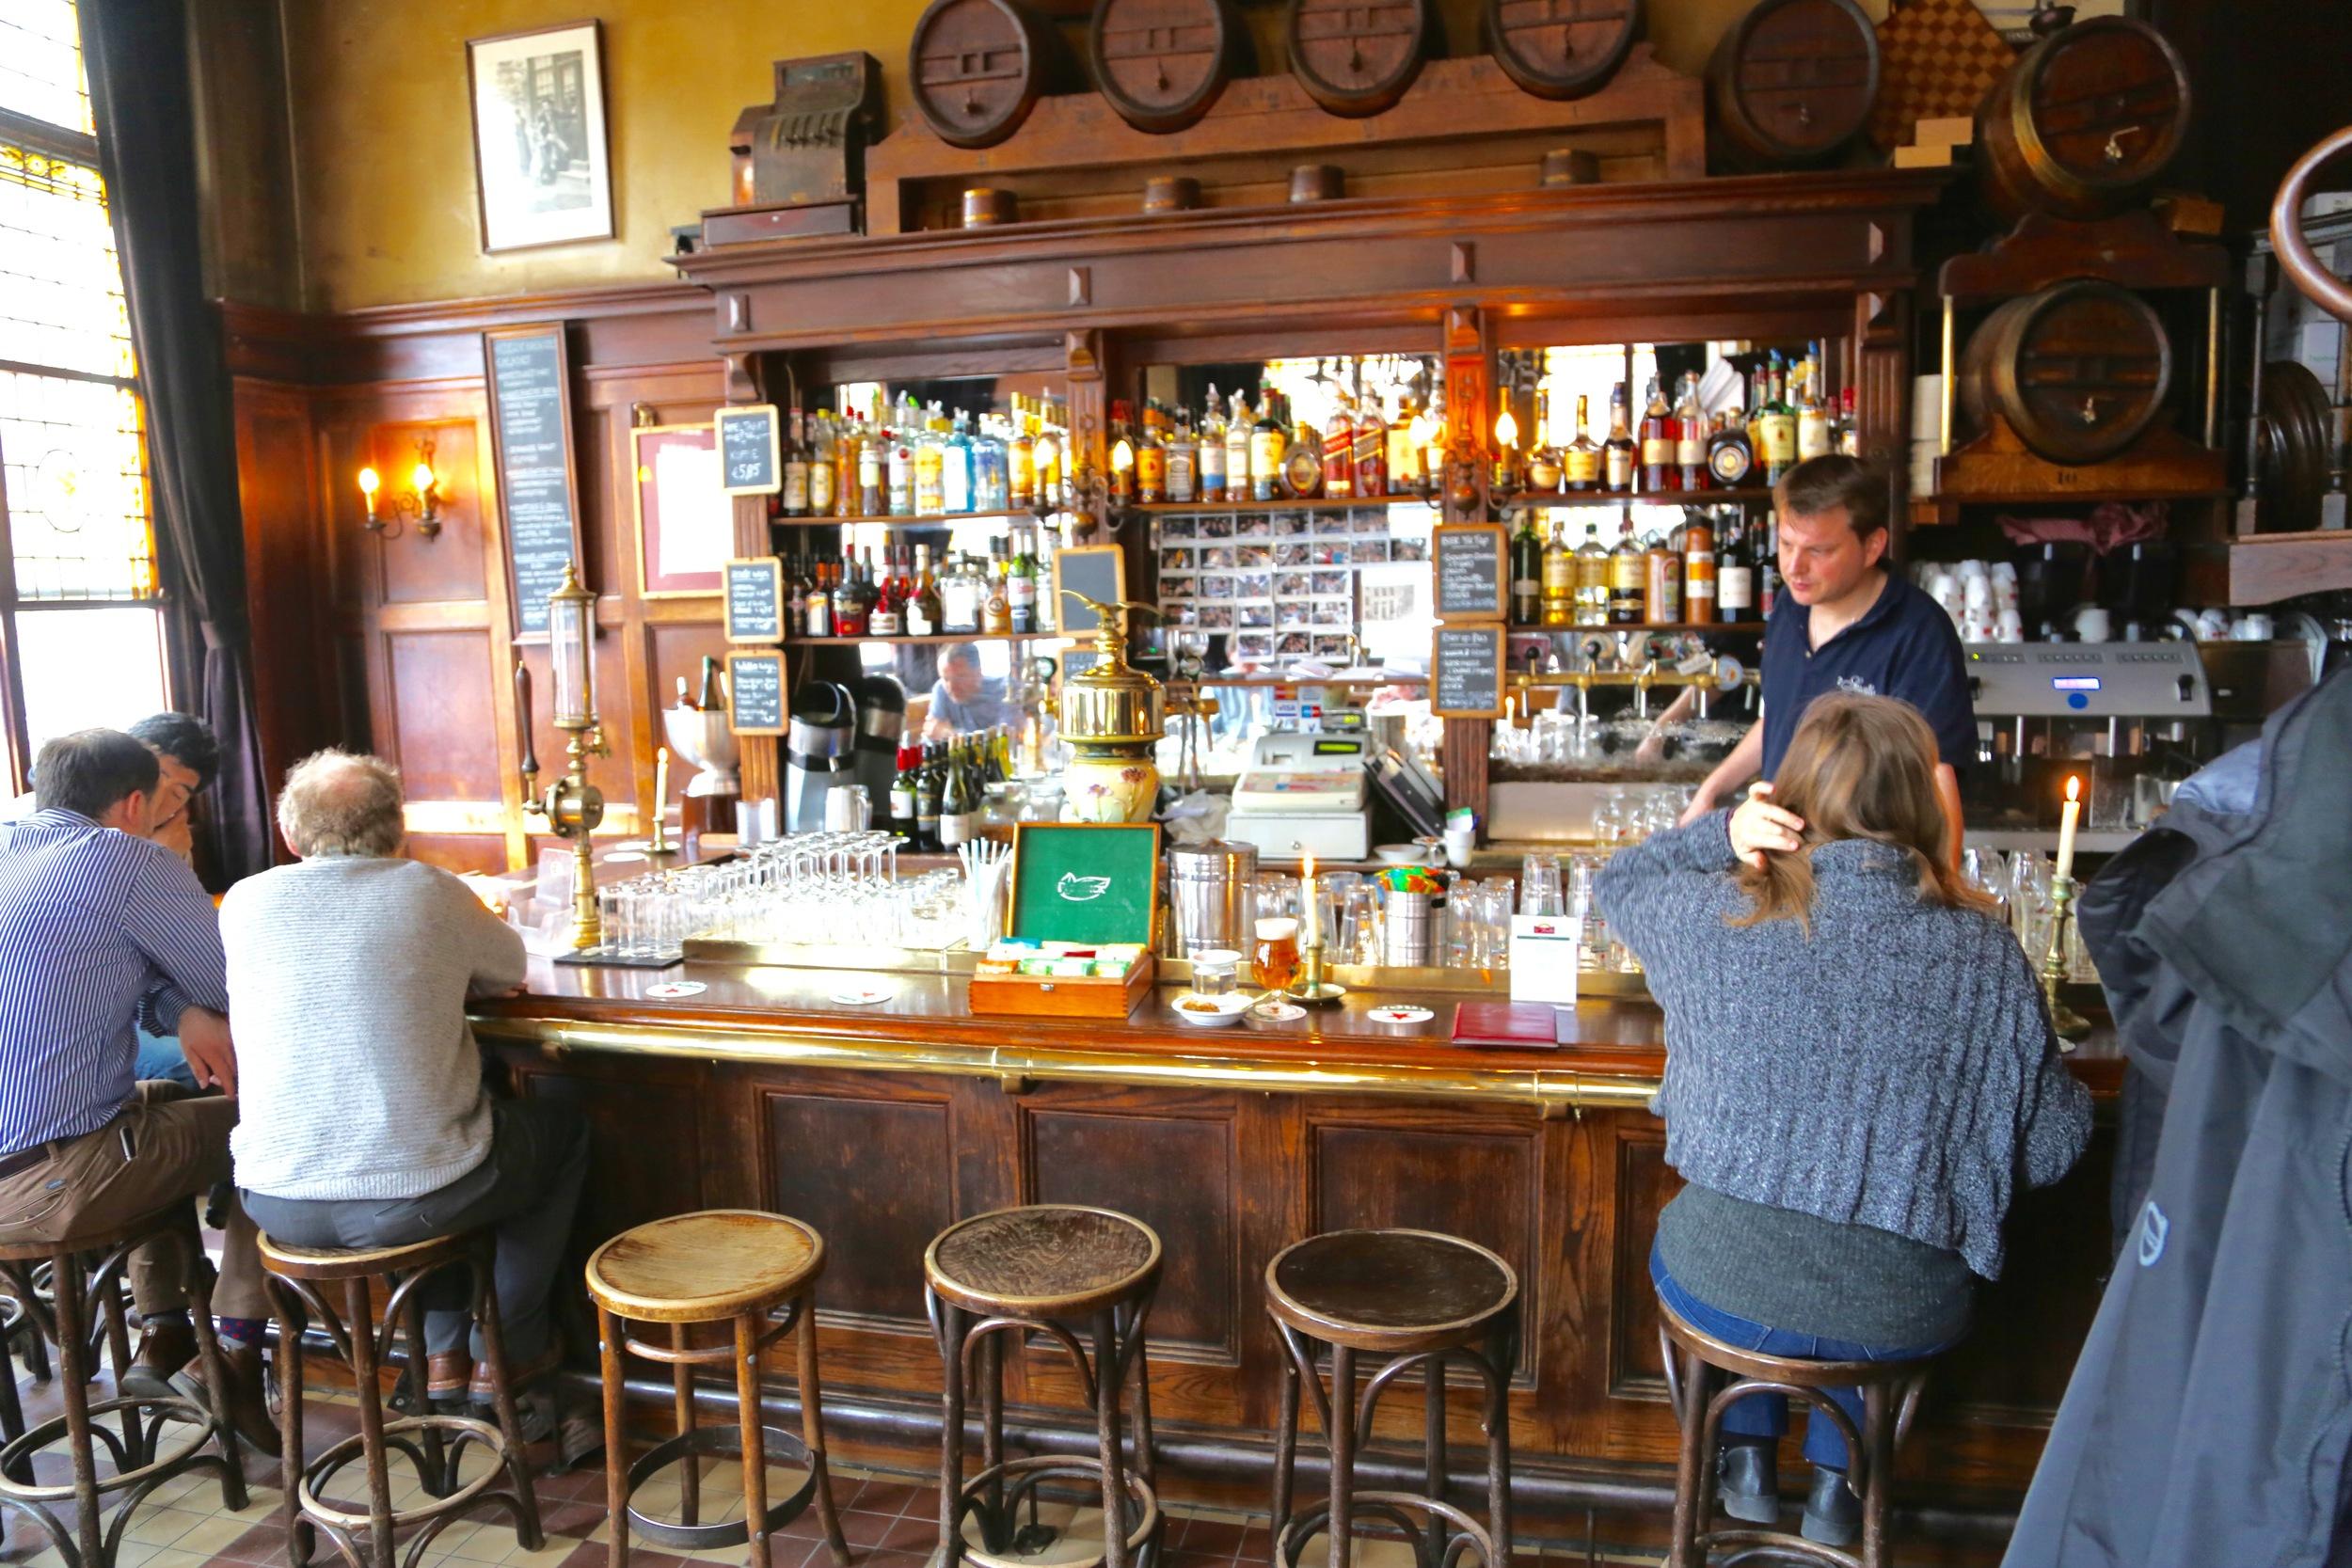 Cafe T Smalle i Egelantiersgracht har både inne- og uteservering. Foto: Odd Roar Lange